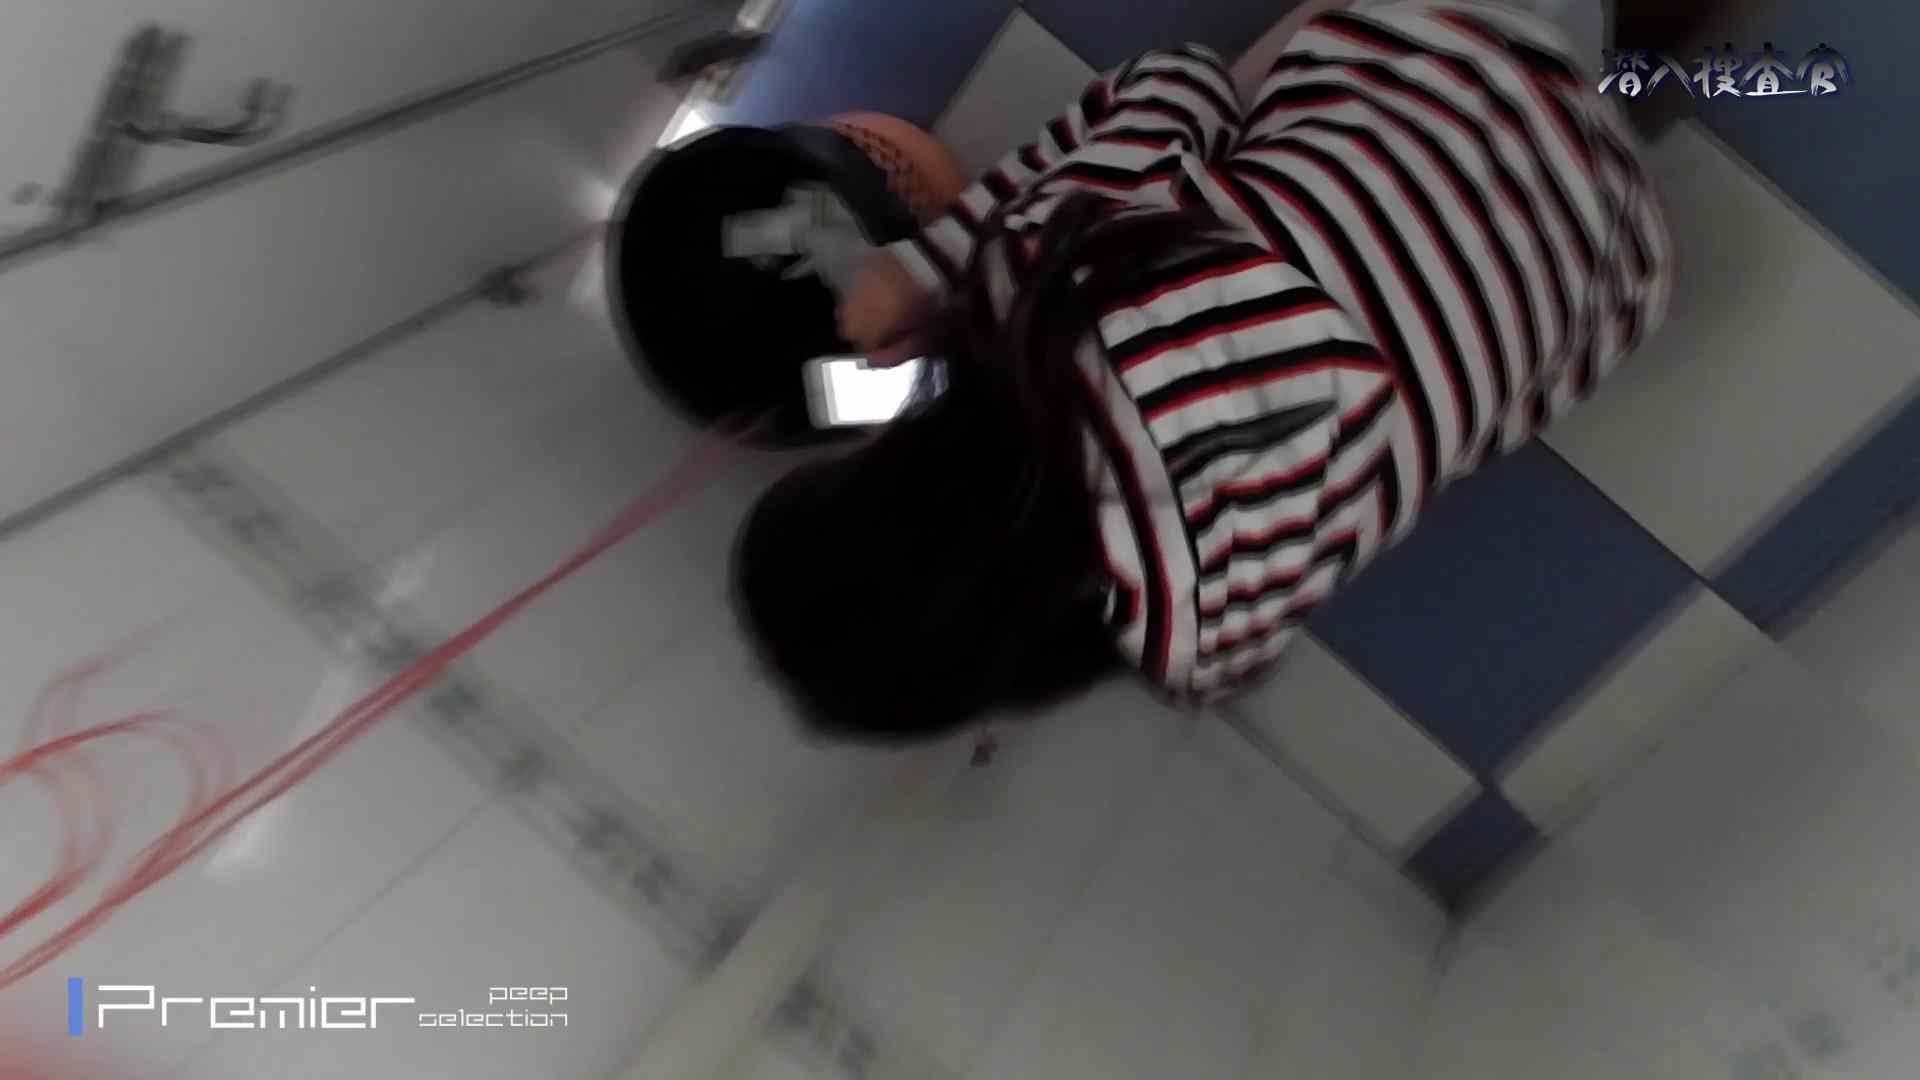 下からノゾム vol.041 携帯に夢中、後ろに居るカメラはやりたい放題! 美肌 オメコ無修正動画無料 77枚 37